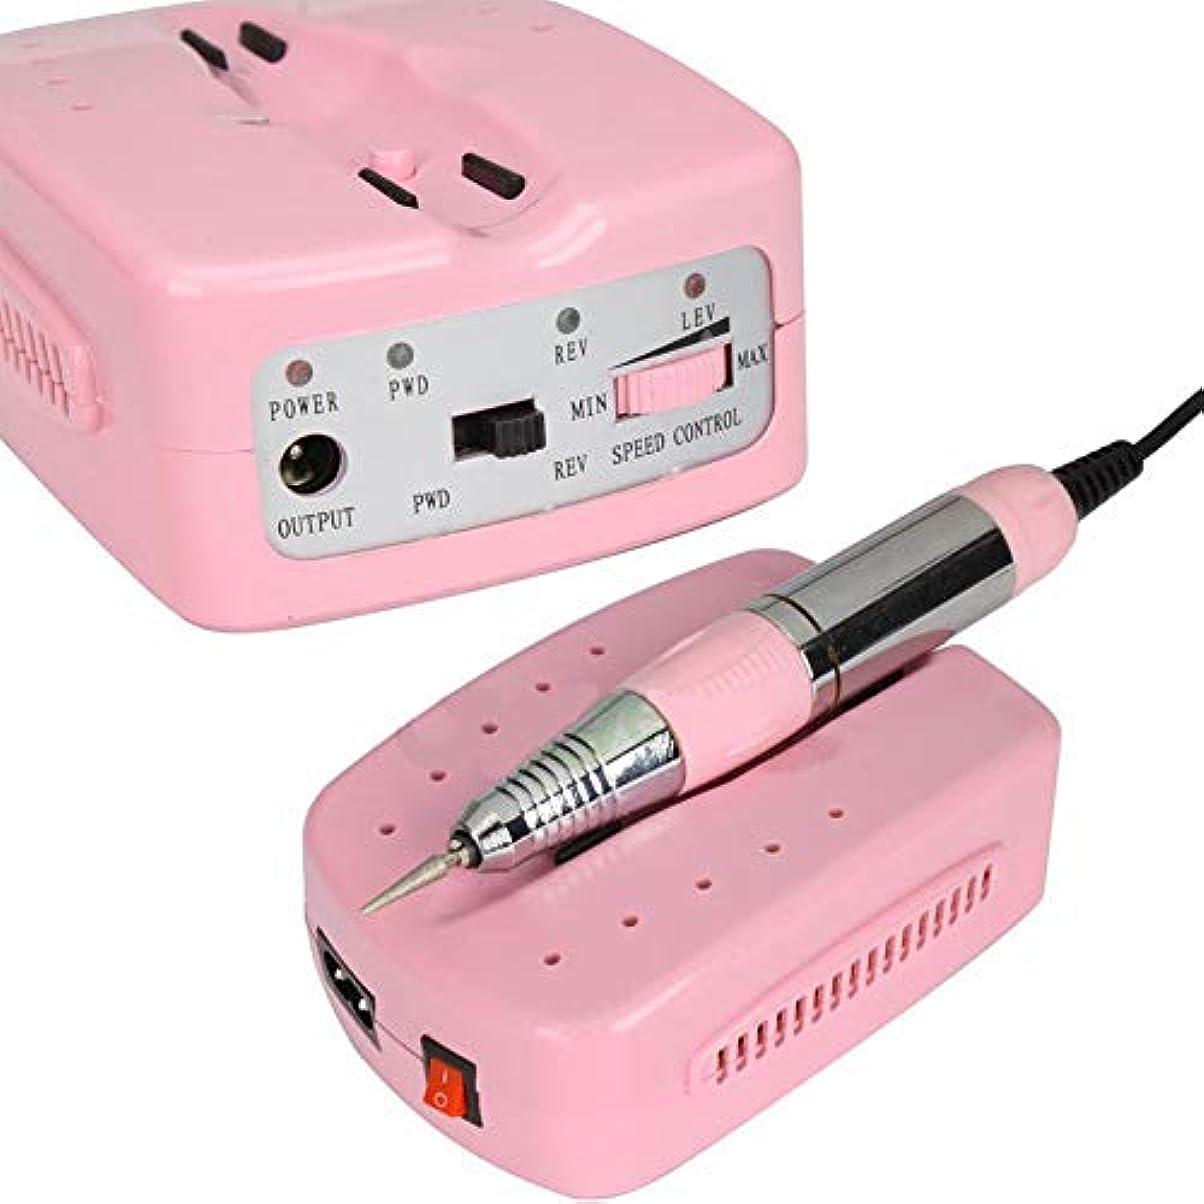 酒穿孔する嘆くネイルドリルマニキュアセット30000 rpm電動ネイルドリル機ドリルアクセサリースピードコントロールペディキュアマニキュアツール、ピンク